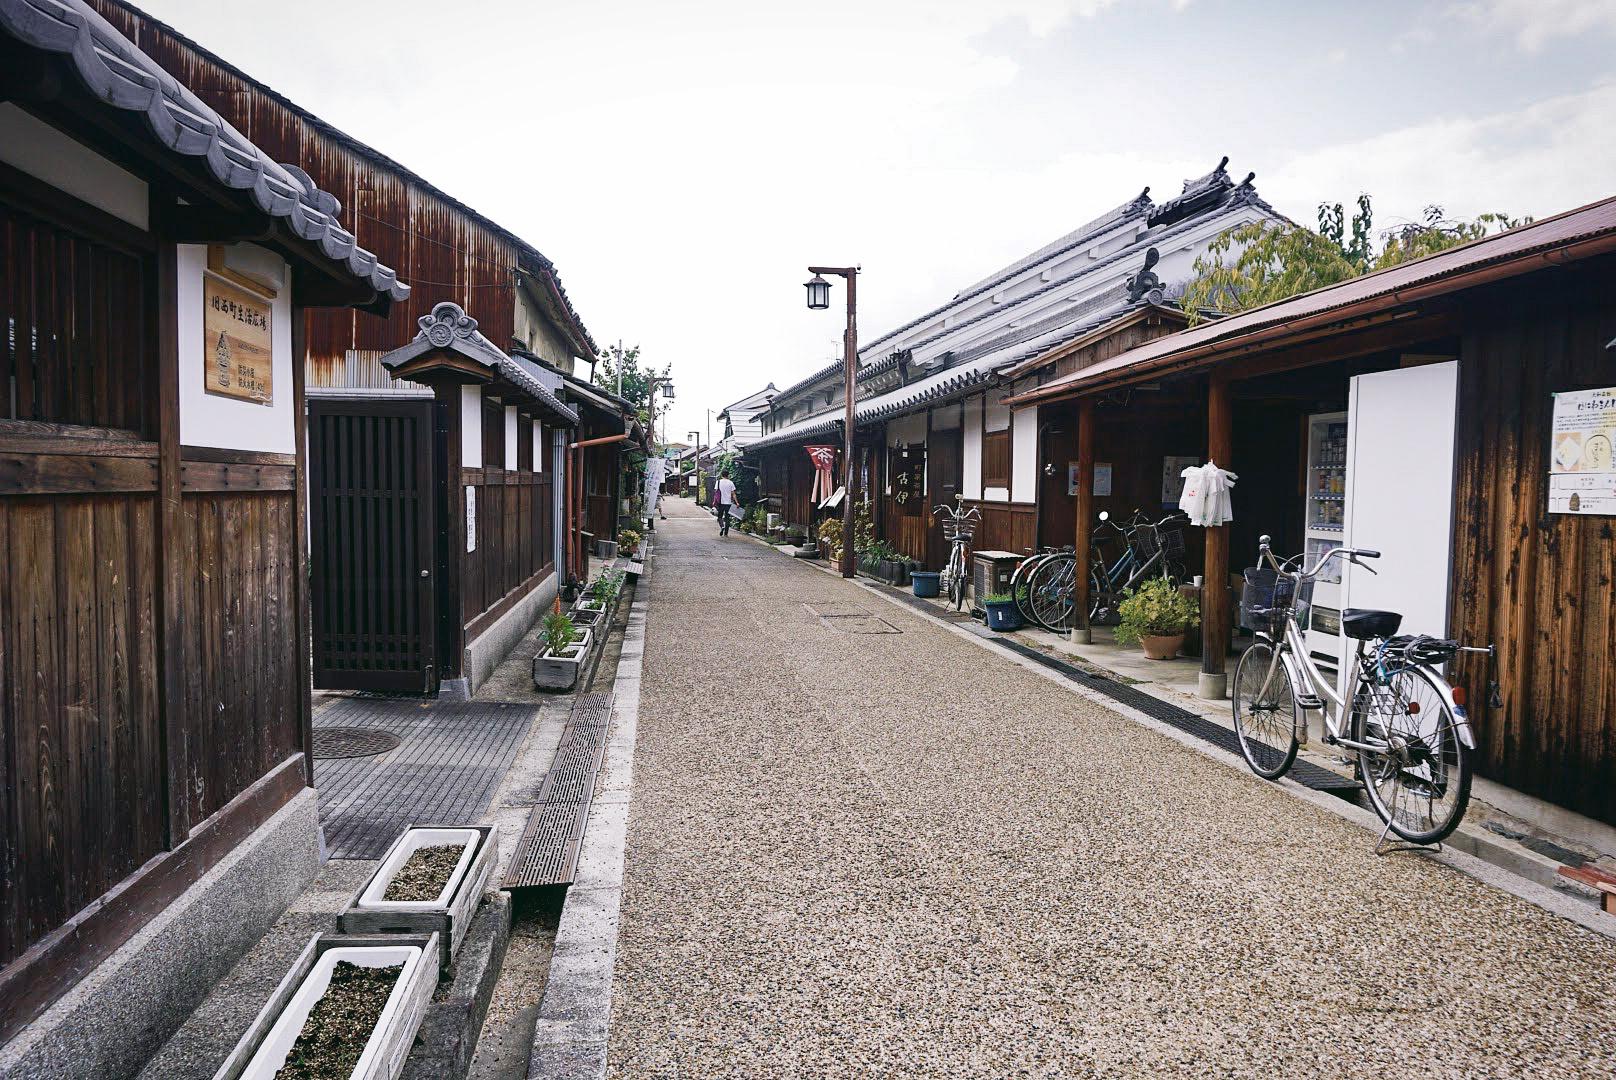 Exploring Imaicho, an Edo period town